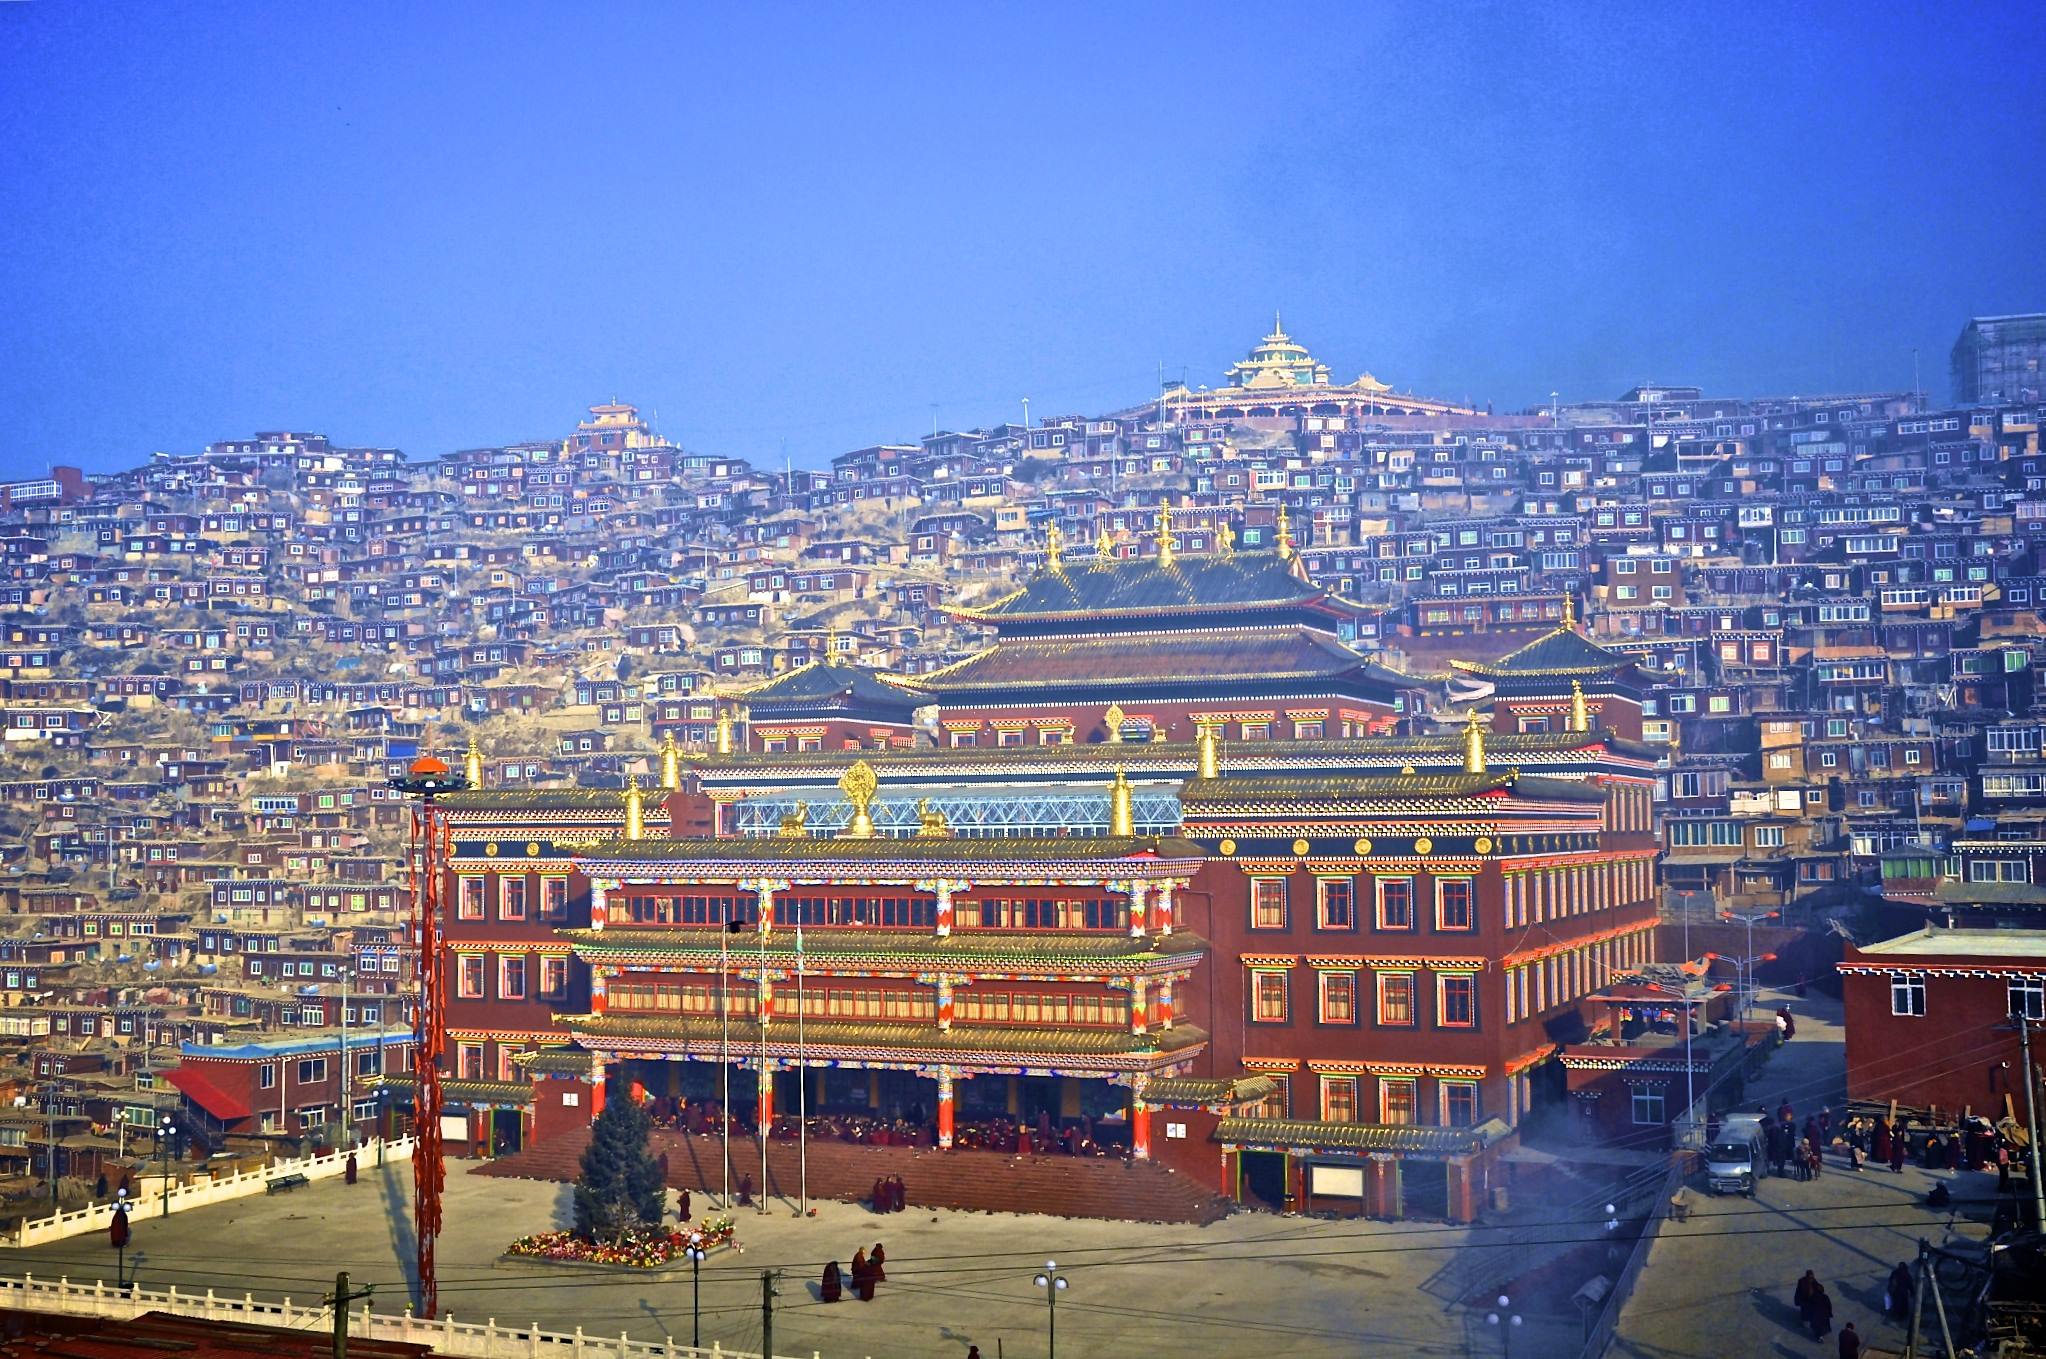 Trung Cộng bổ nhiệm viên chức cảnh sát làm lãnh đạo học viện Phật Giáo Tây Tạng